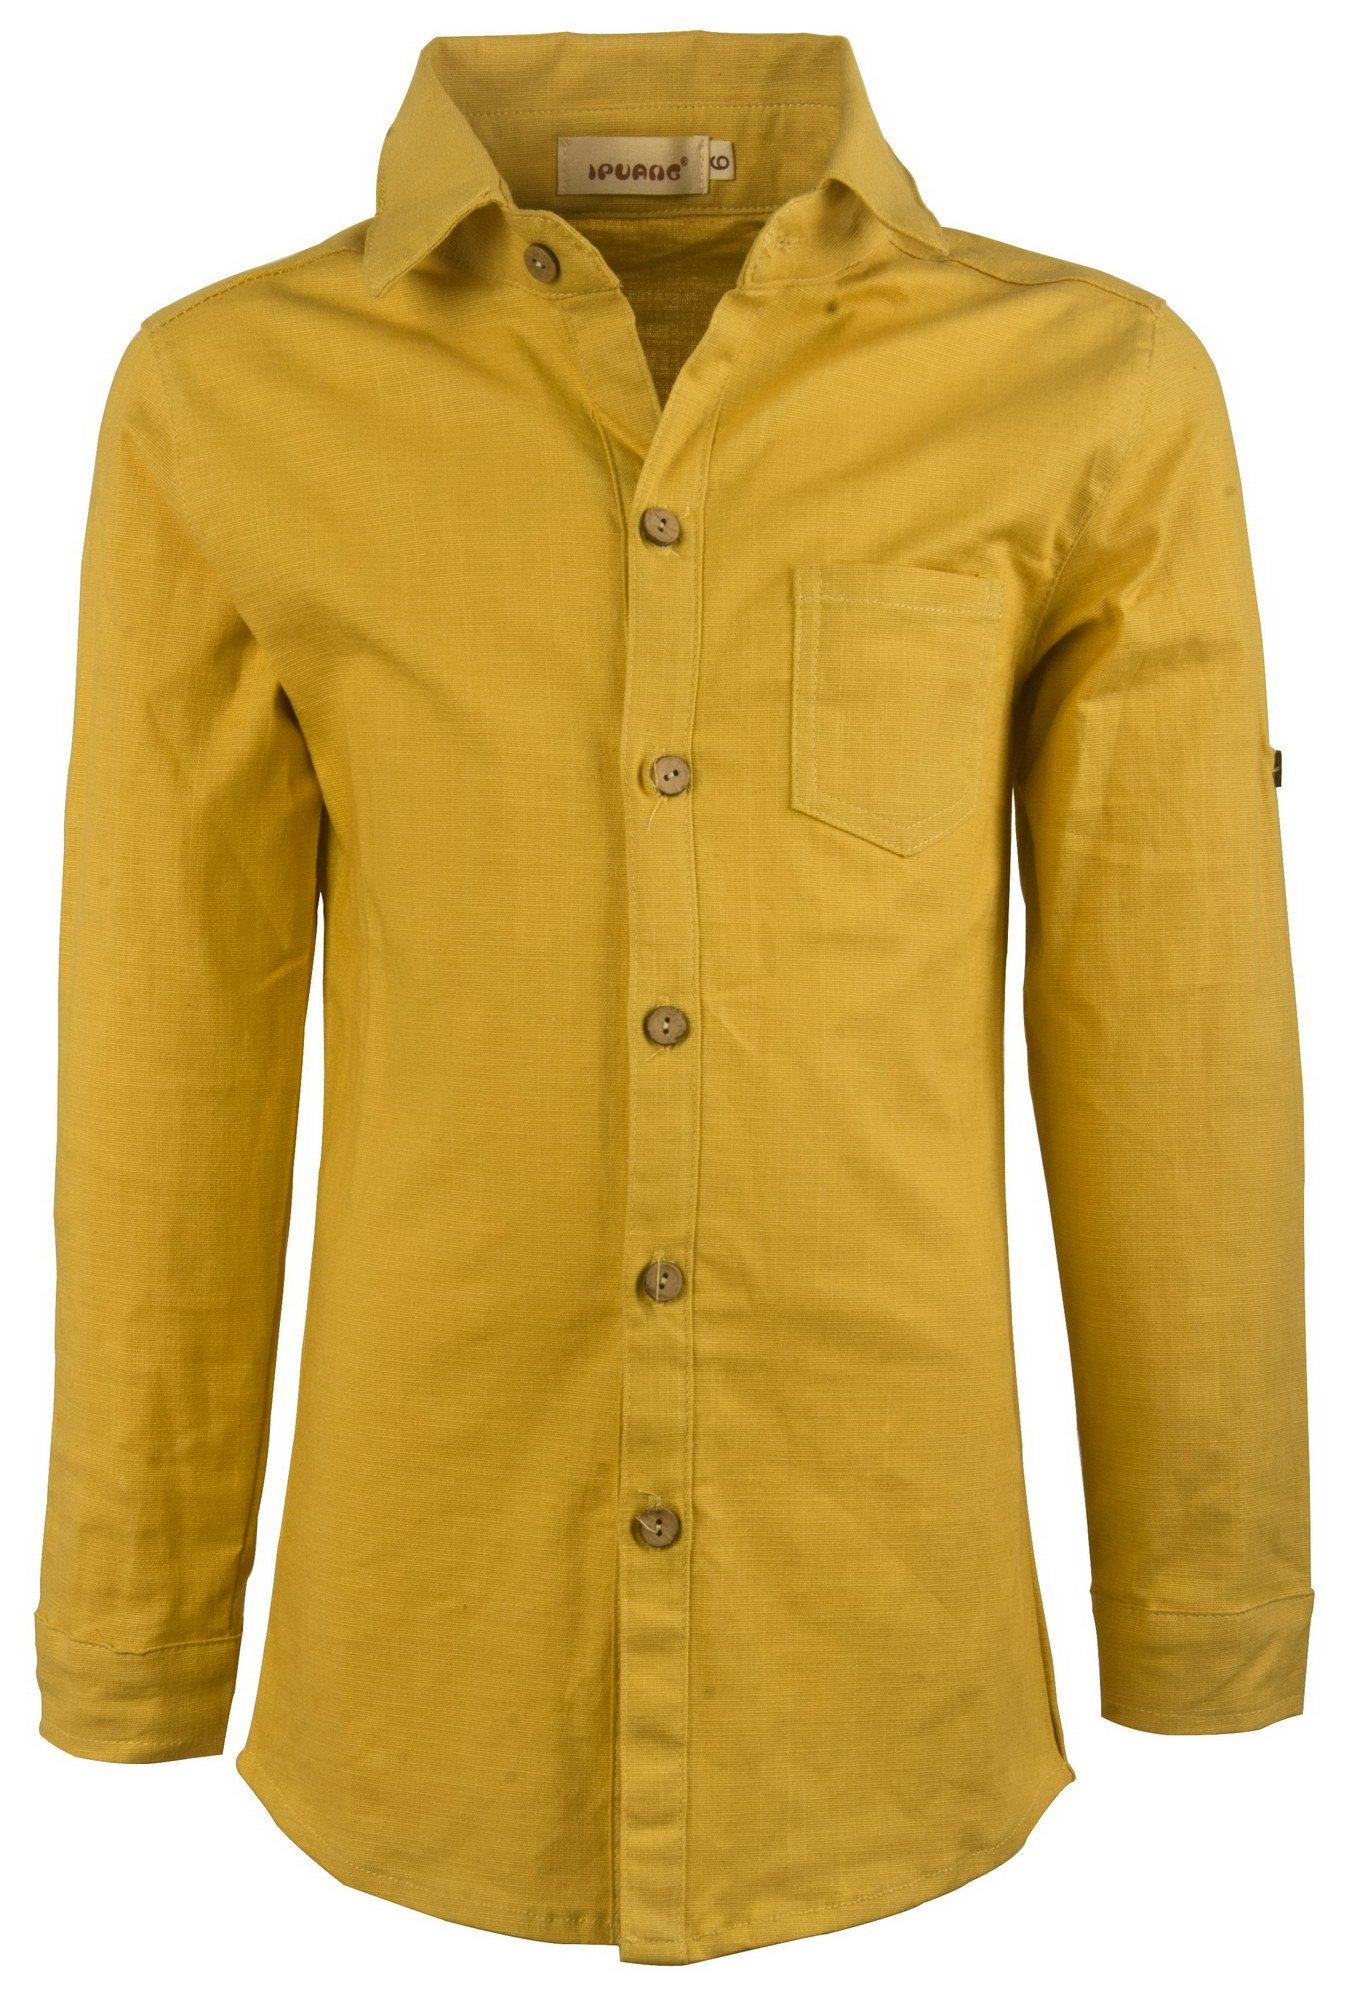 Ipuang Little Boys Linen Long Sleeve Button-Down Collar Shirt Top 5t Ginger